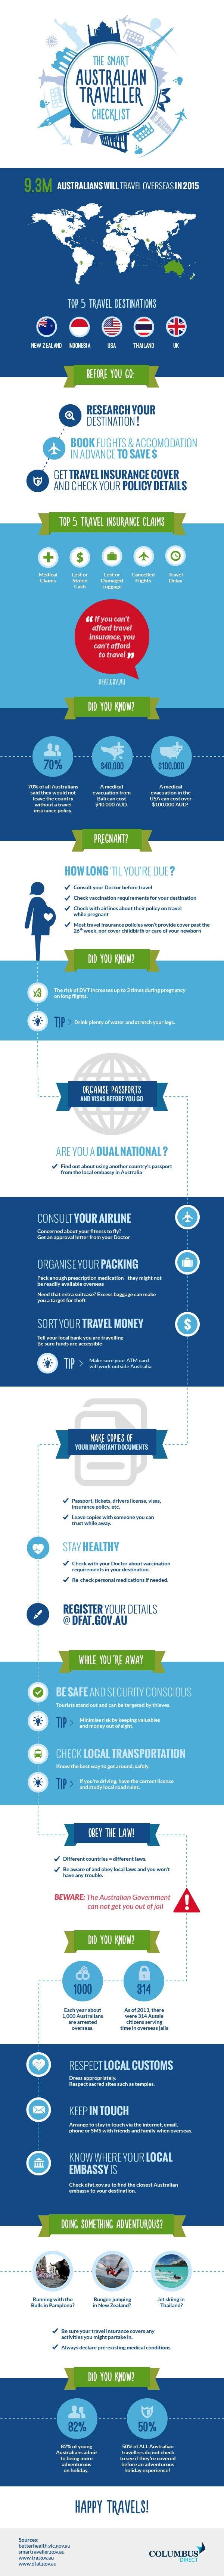 Traveler Checklist Infographic